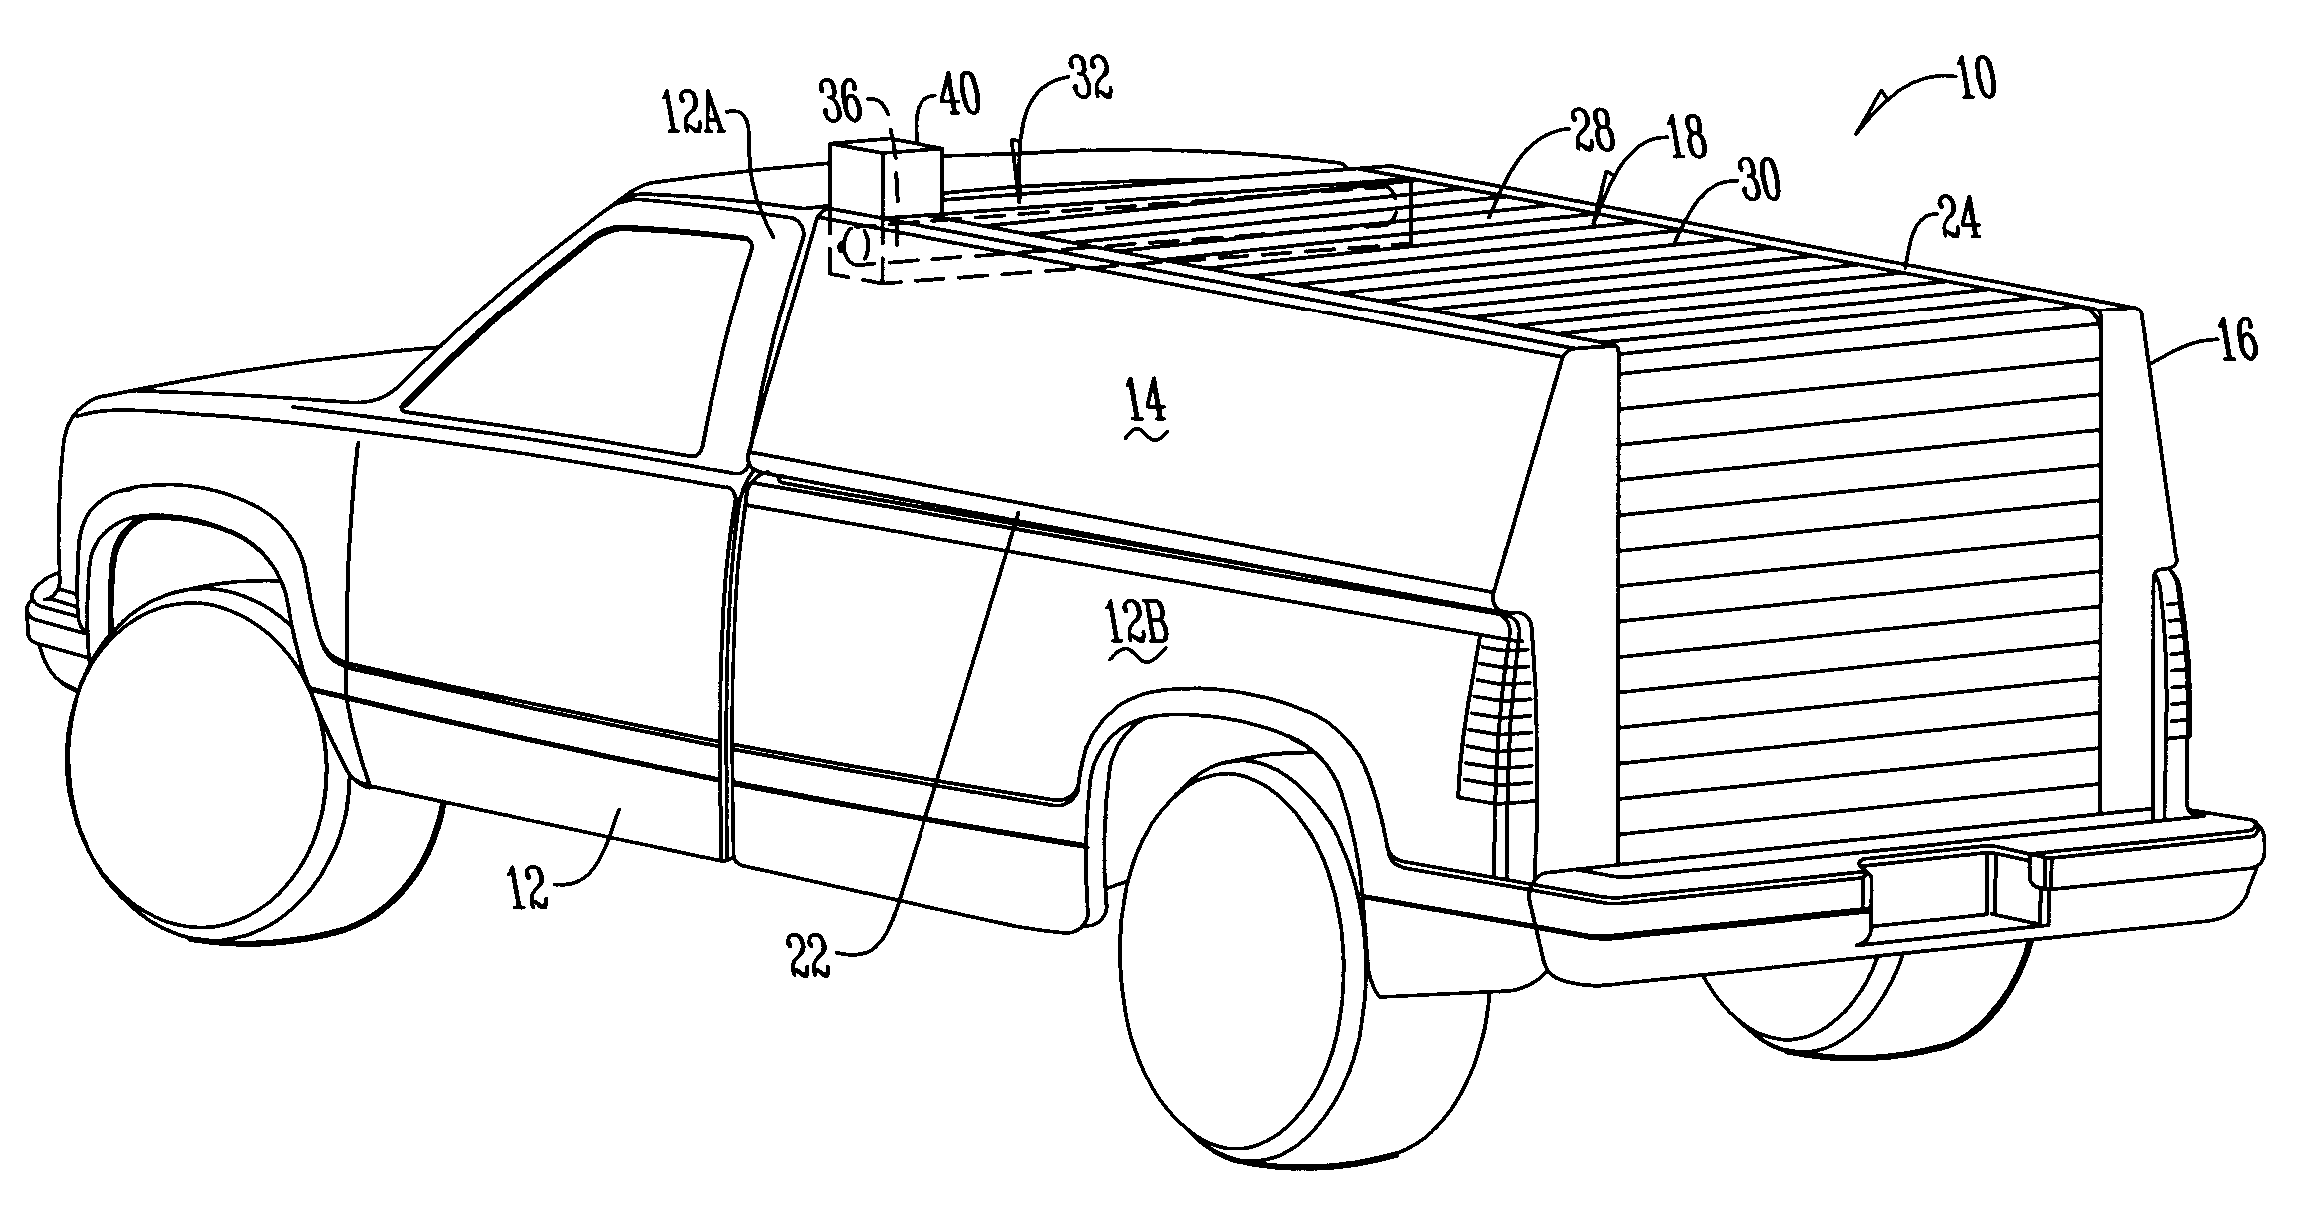 Leer Truck Covers